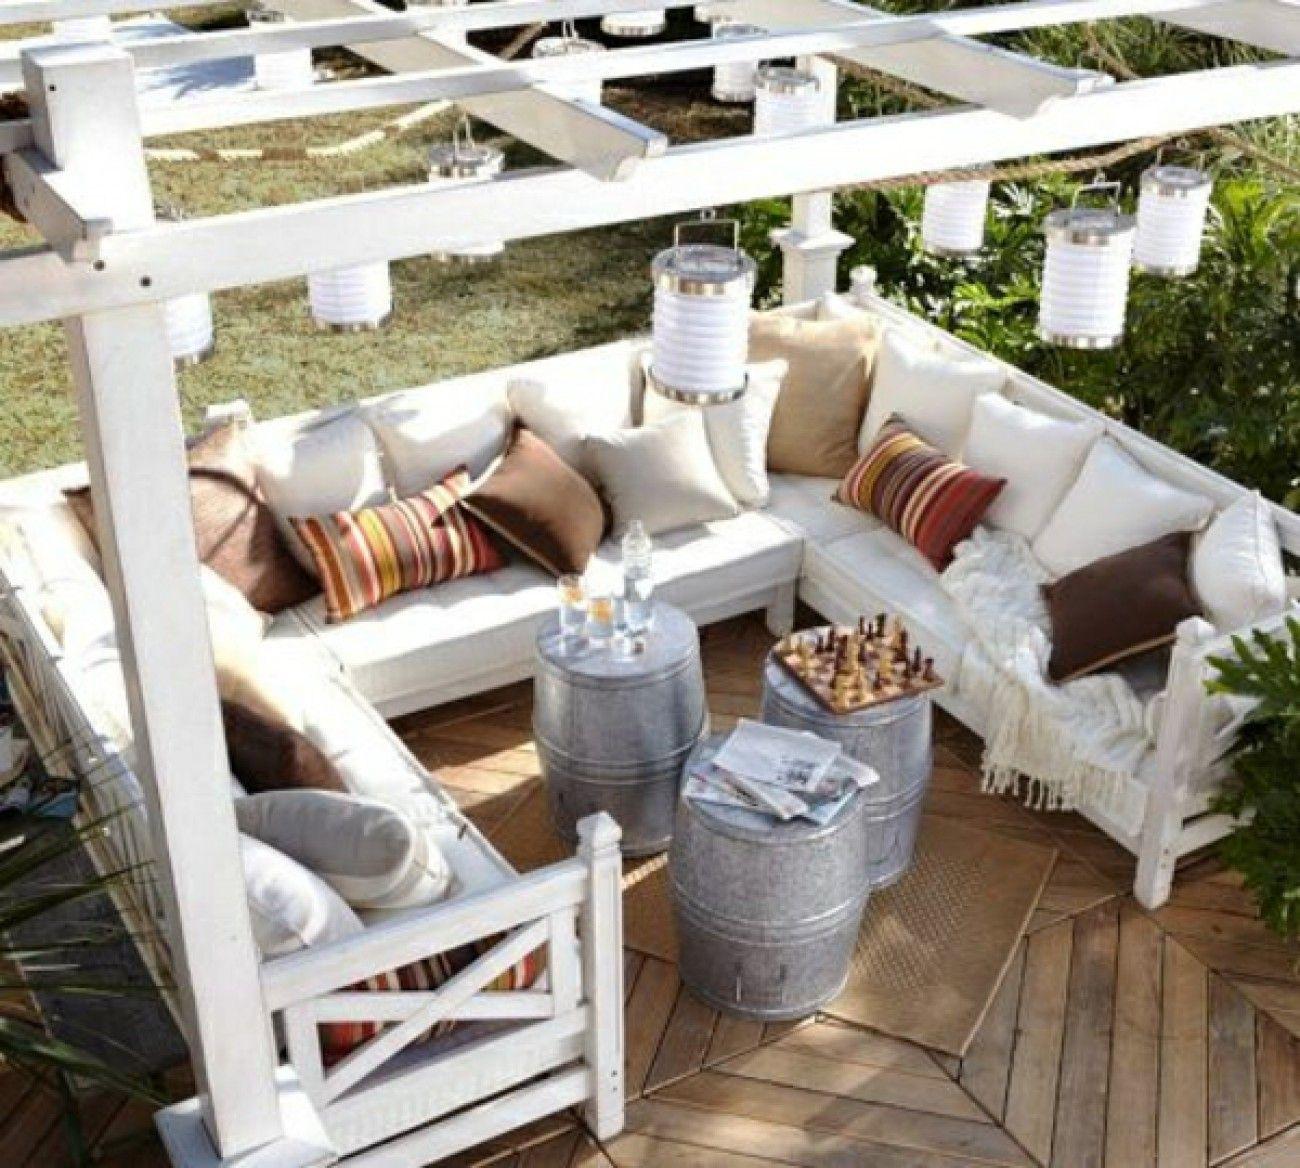 klasse pergola zum selber bauen mit gemütlicher lounge sitzecke im